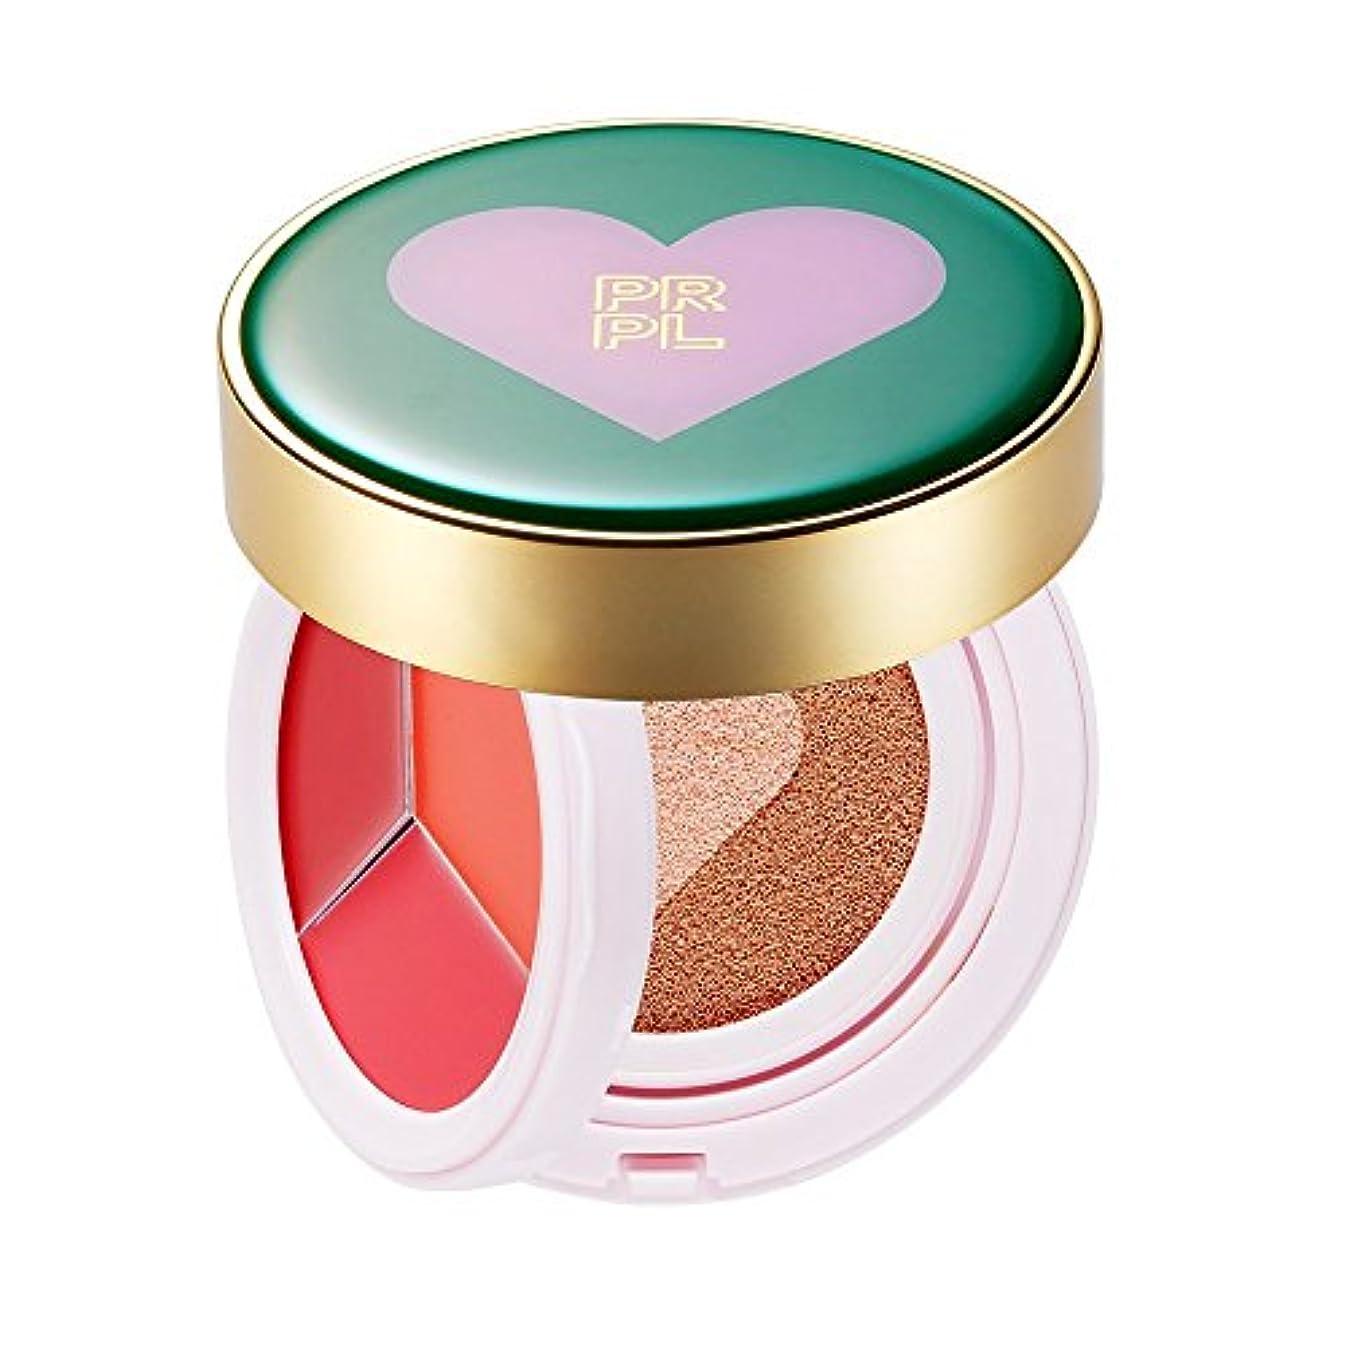 欠乏離れて教義PRPL Kiss&Heart Cushion (Lip Glow Pink/Lip Glow Orange/Lip Glow Red) Triple Heart Cushion Compact (SPF50+, PA+++) (#23 Pure Beige) Korean Make-up Cosmetics